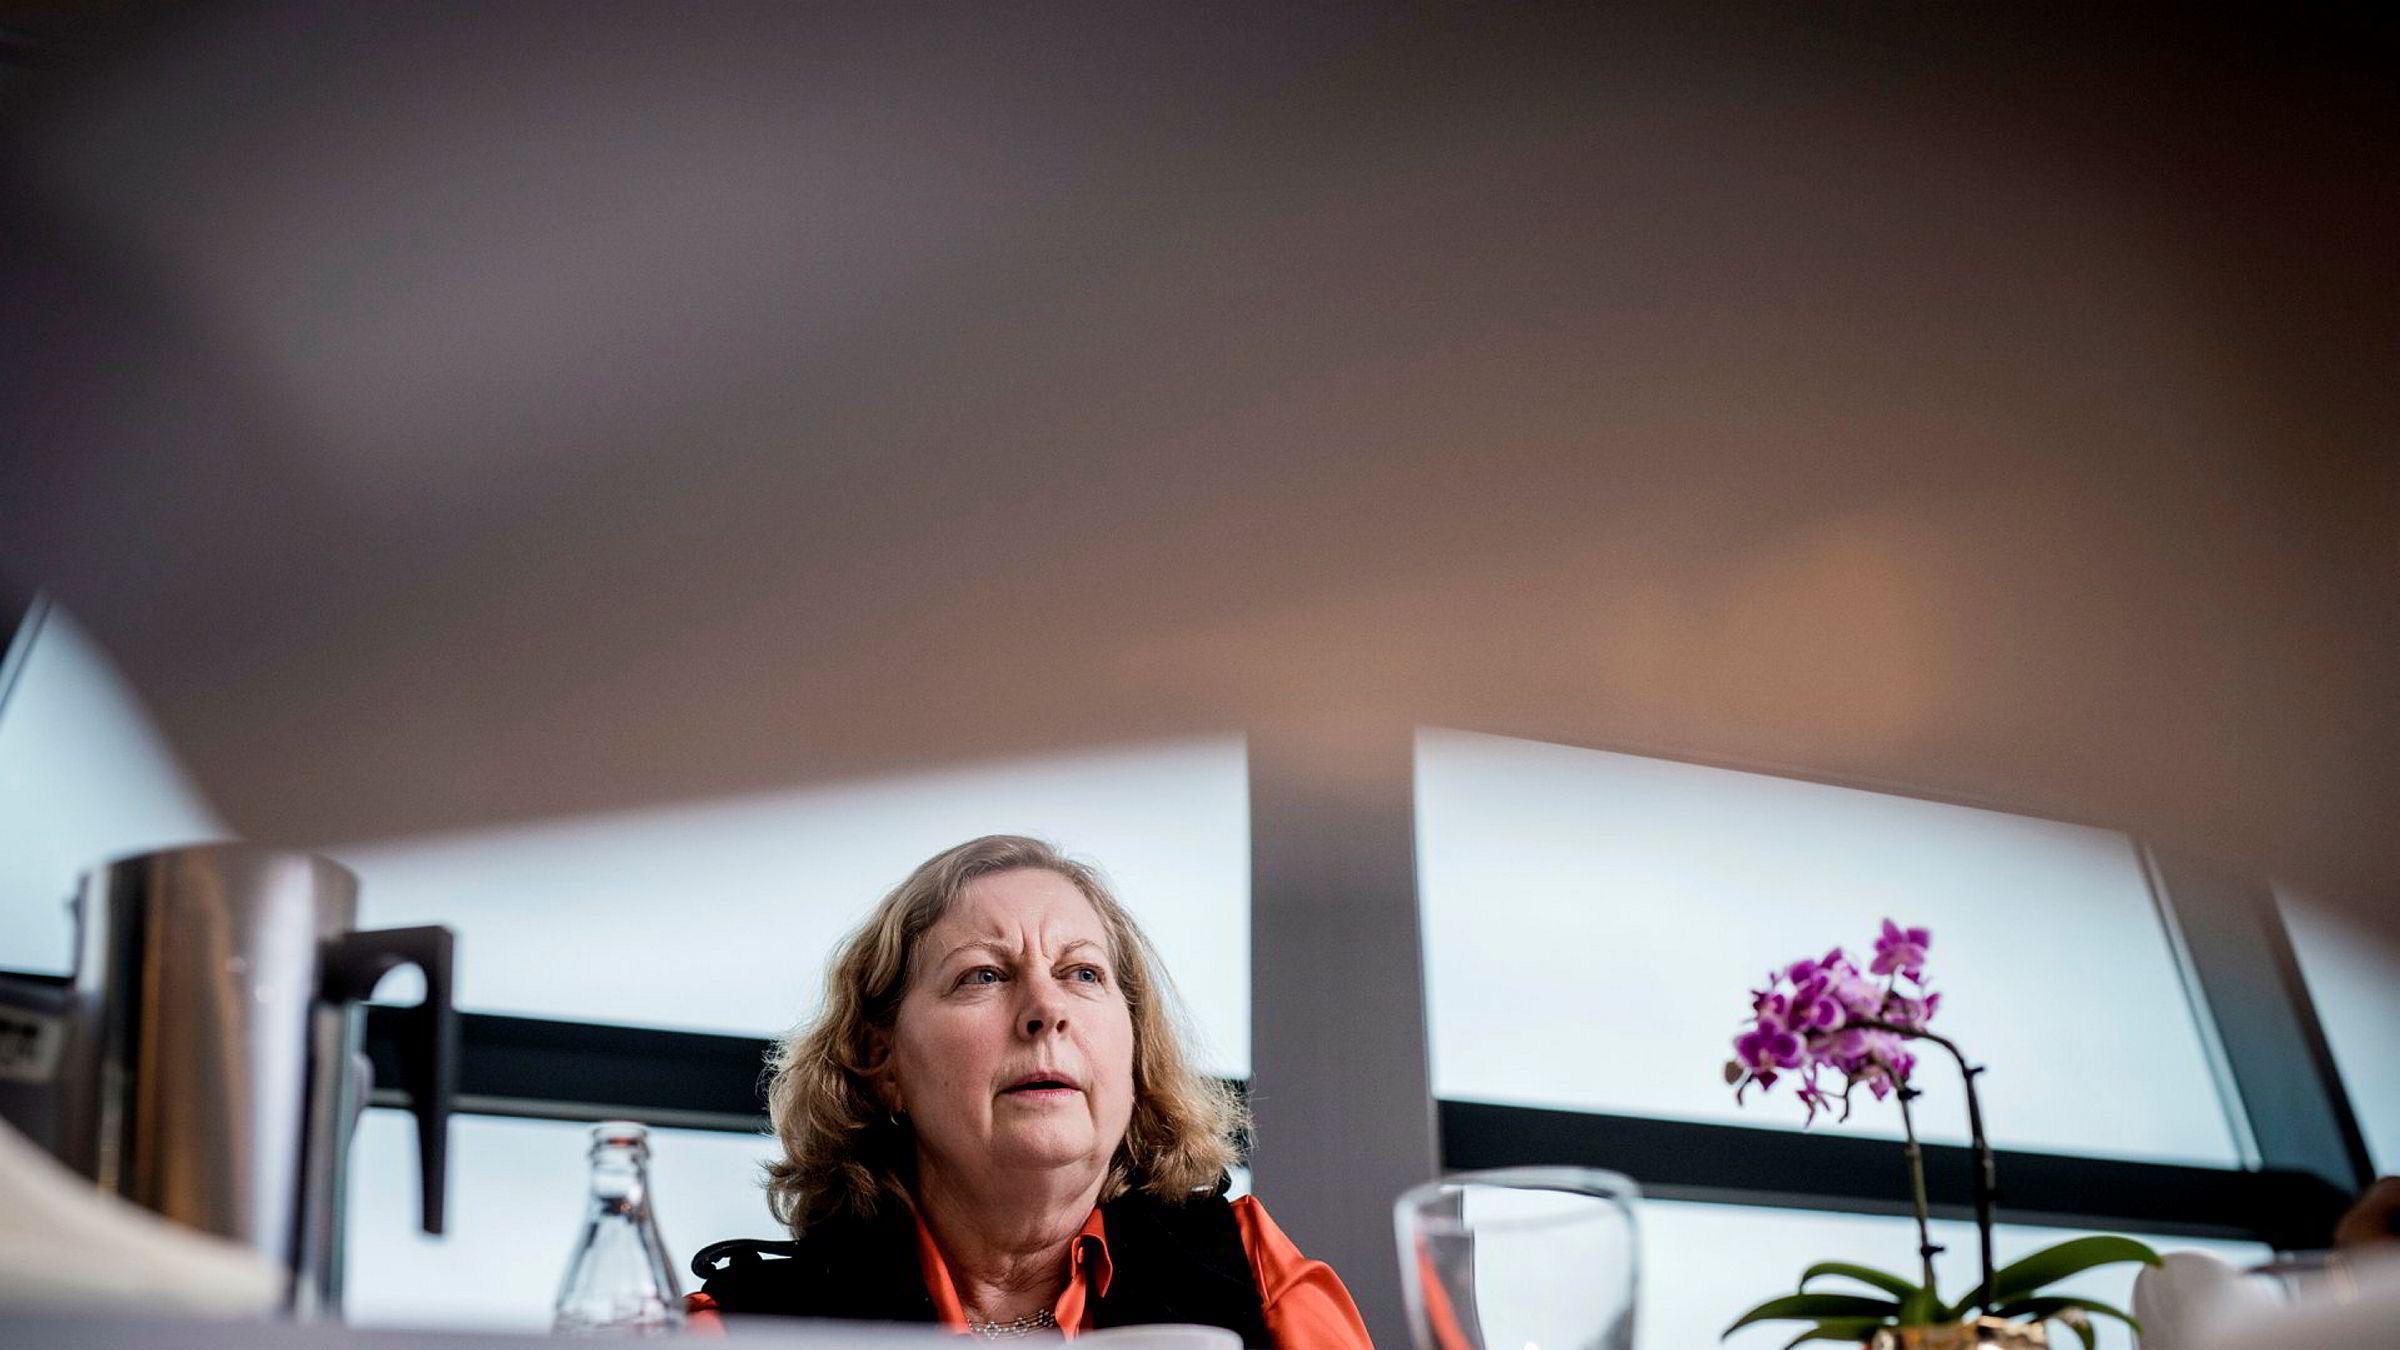 Administrerende direktør Berit Svendsen i Telenor Norge får på vegne av selskapet kritikk av Nkom for å ikke følge et mobilforbud.